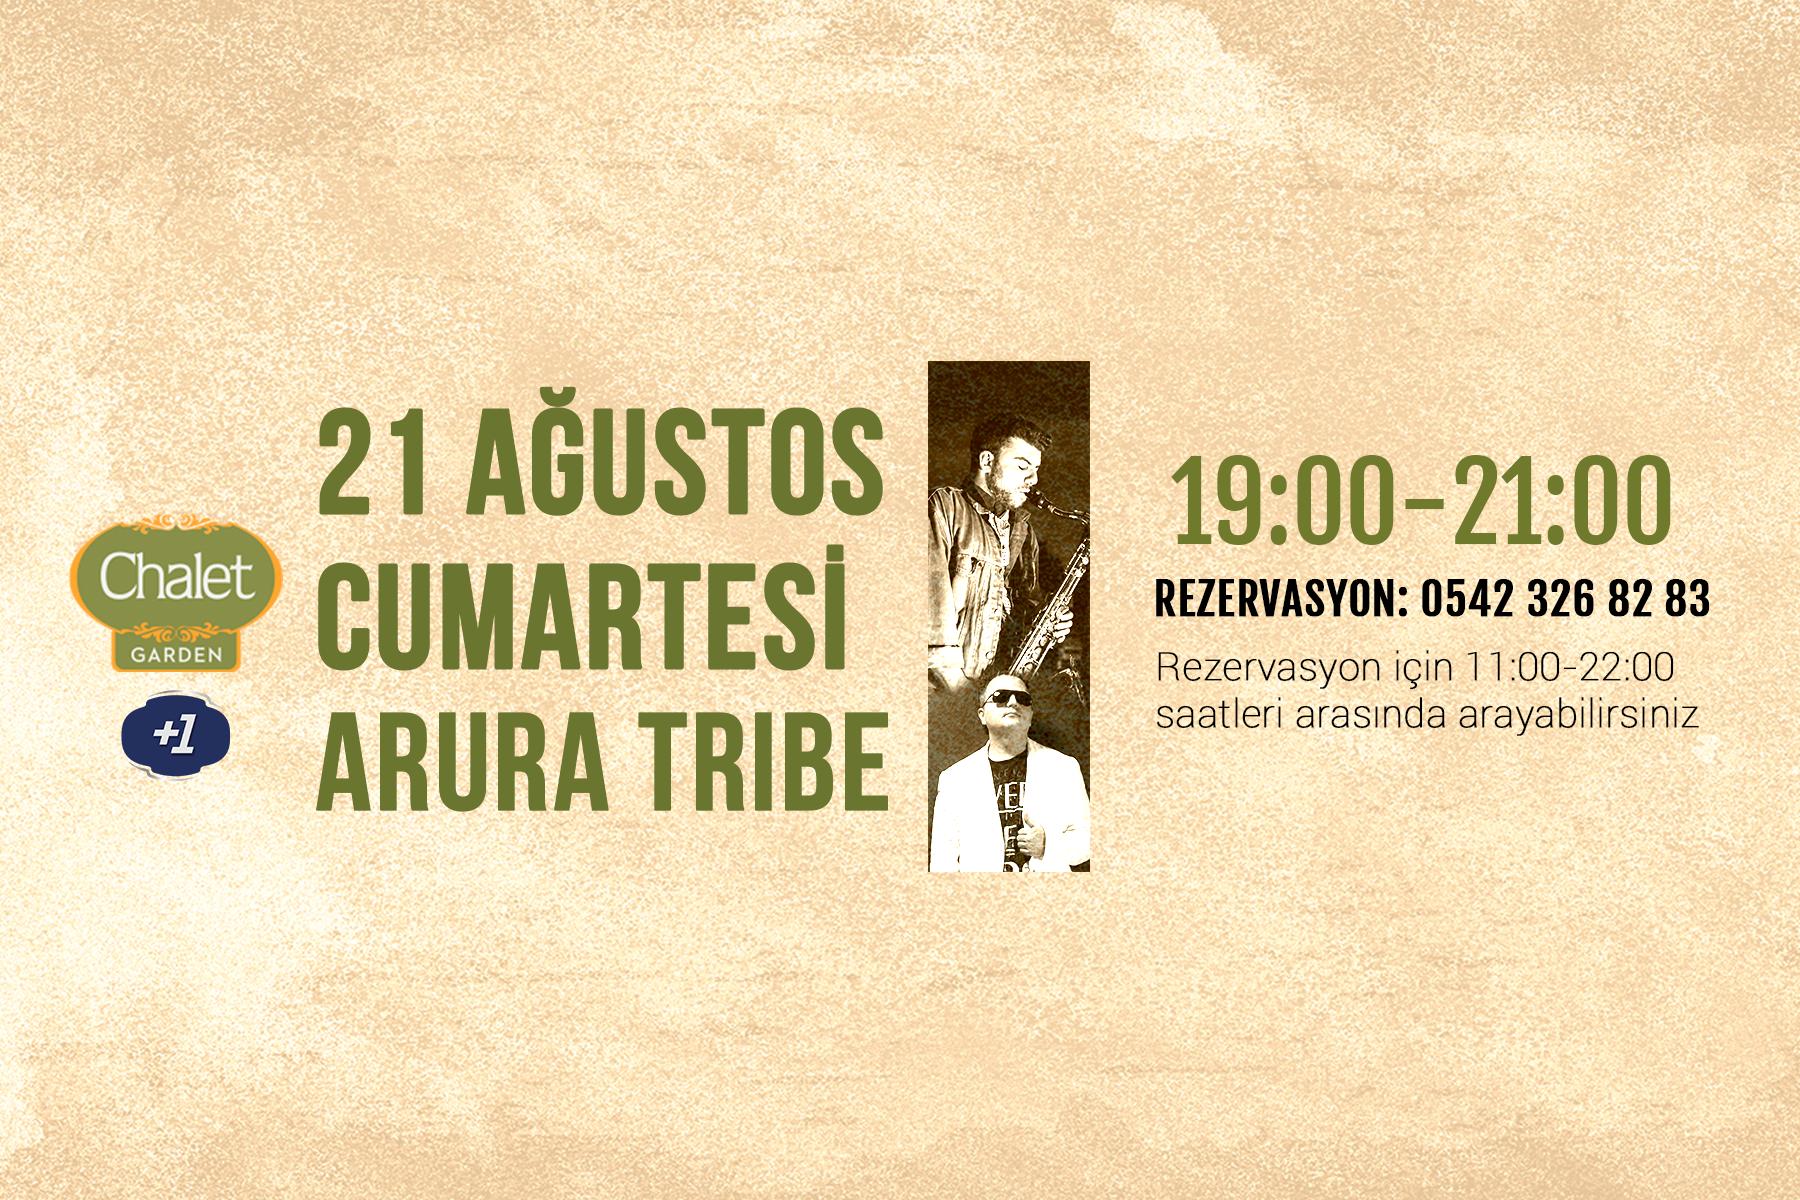 arura_banner-2